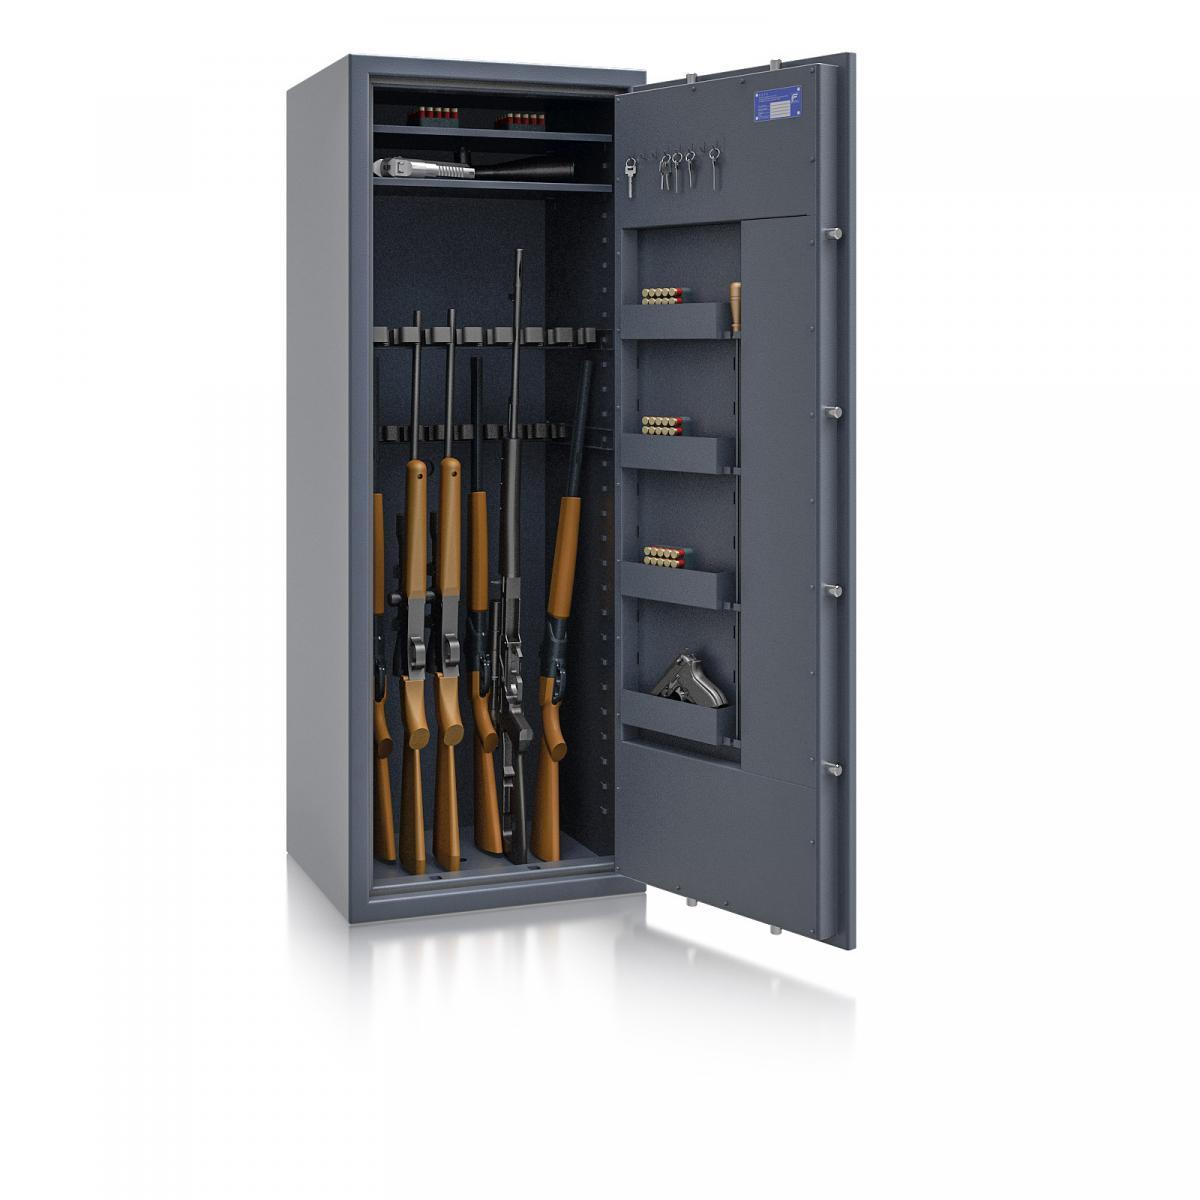 Waffenschrank St. Gallen WF MAX 3 - 1600x600x500 / 225kg 56468 / Klasse I / RAL7024 / Schlüssel / DIN R